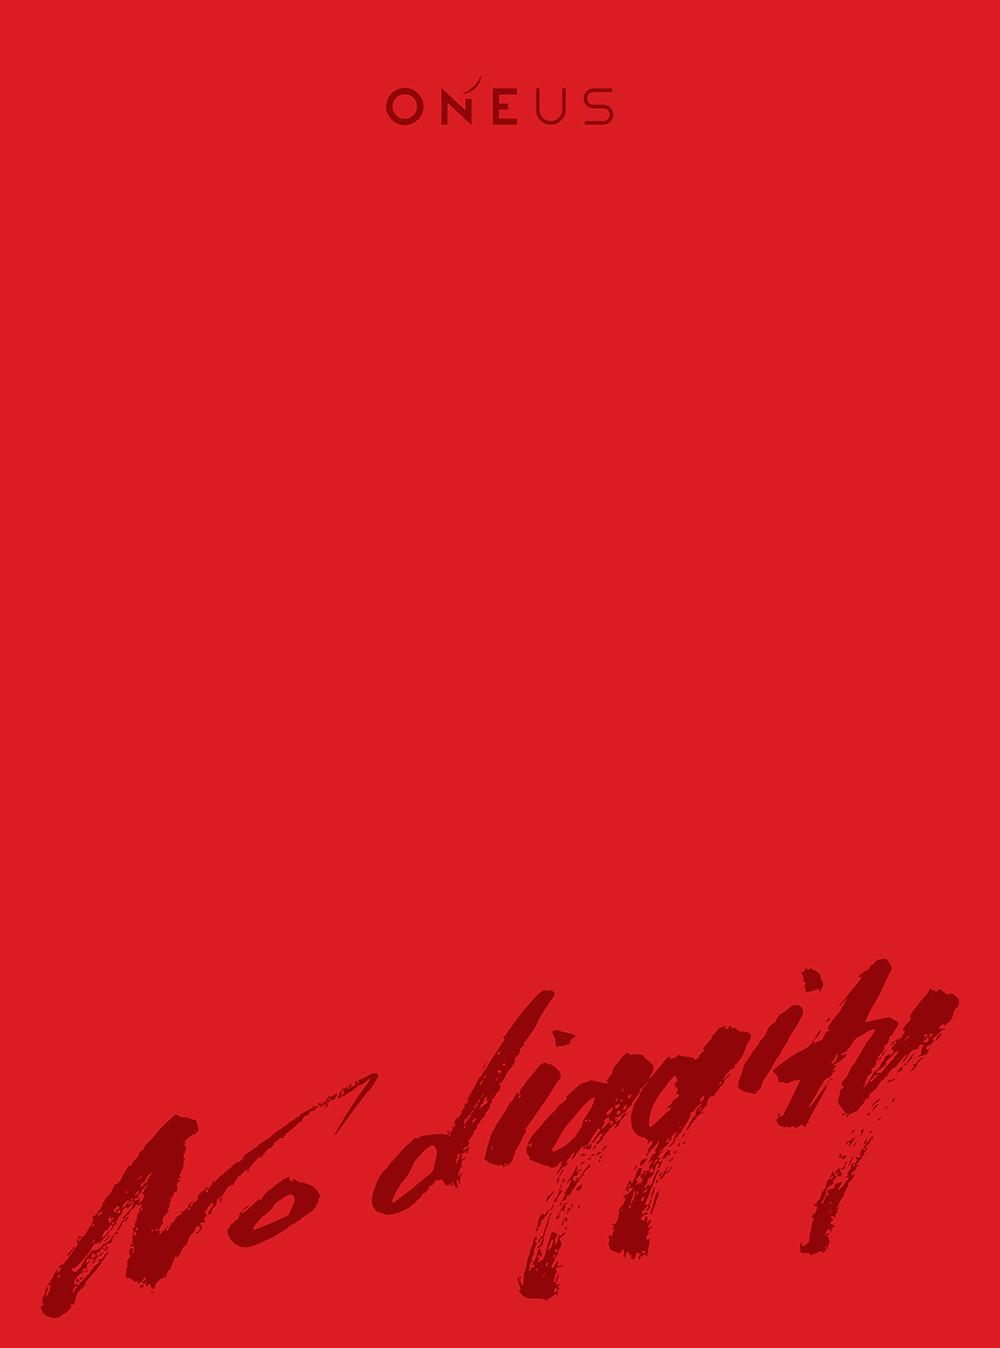 Oneus_no-diggity_ltd_cover_1mb